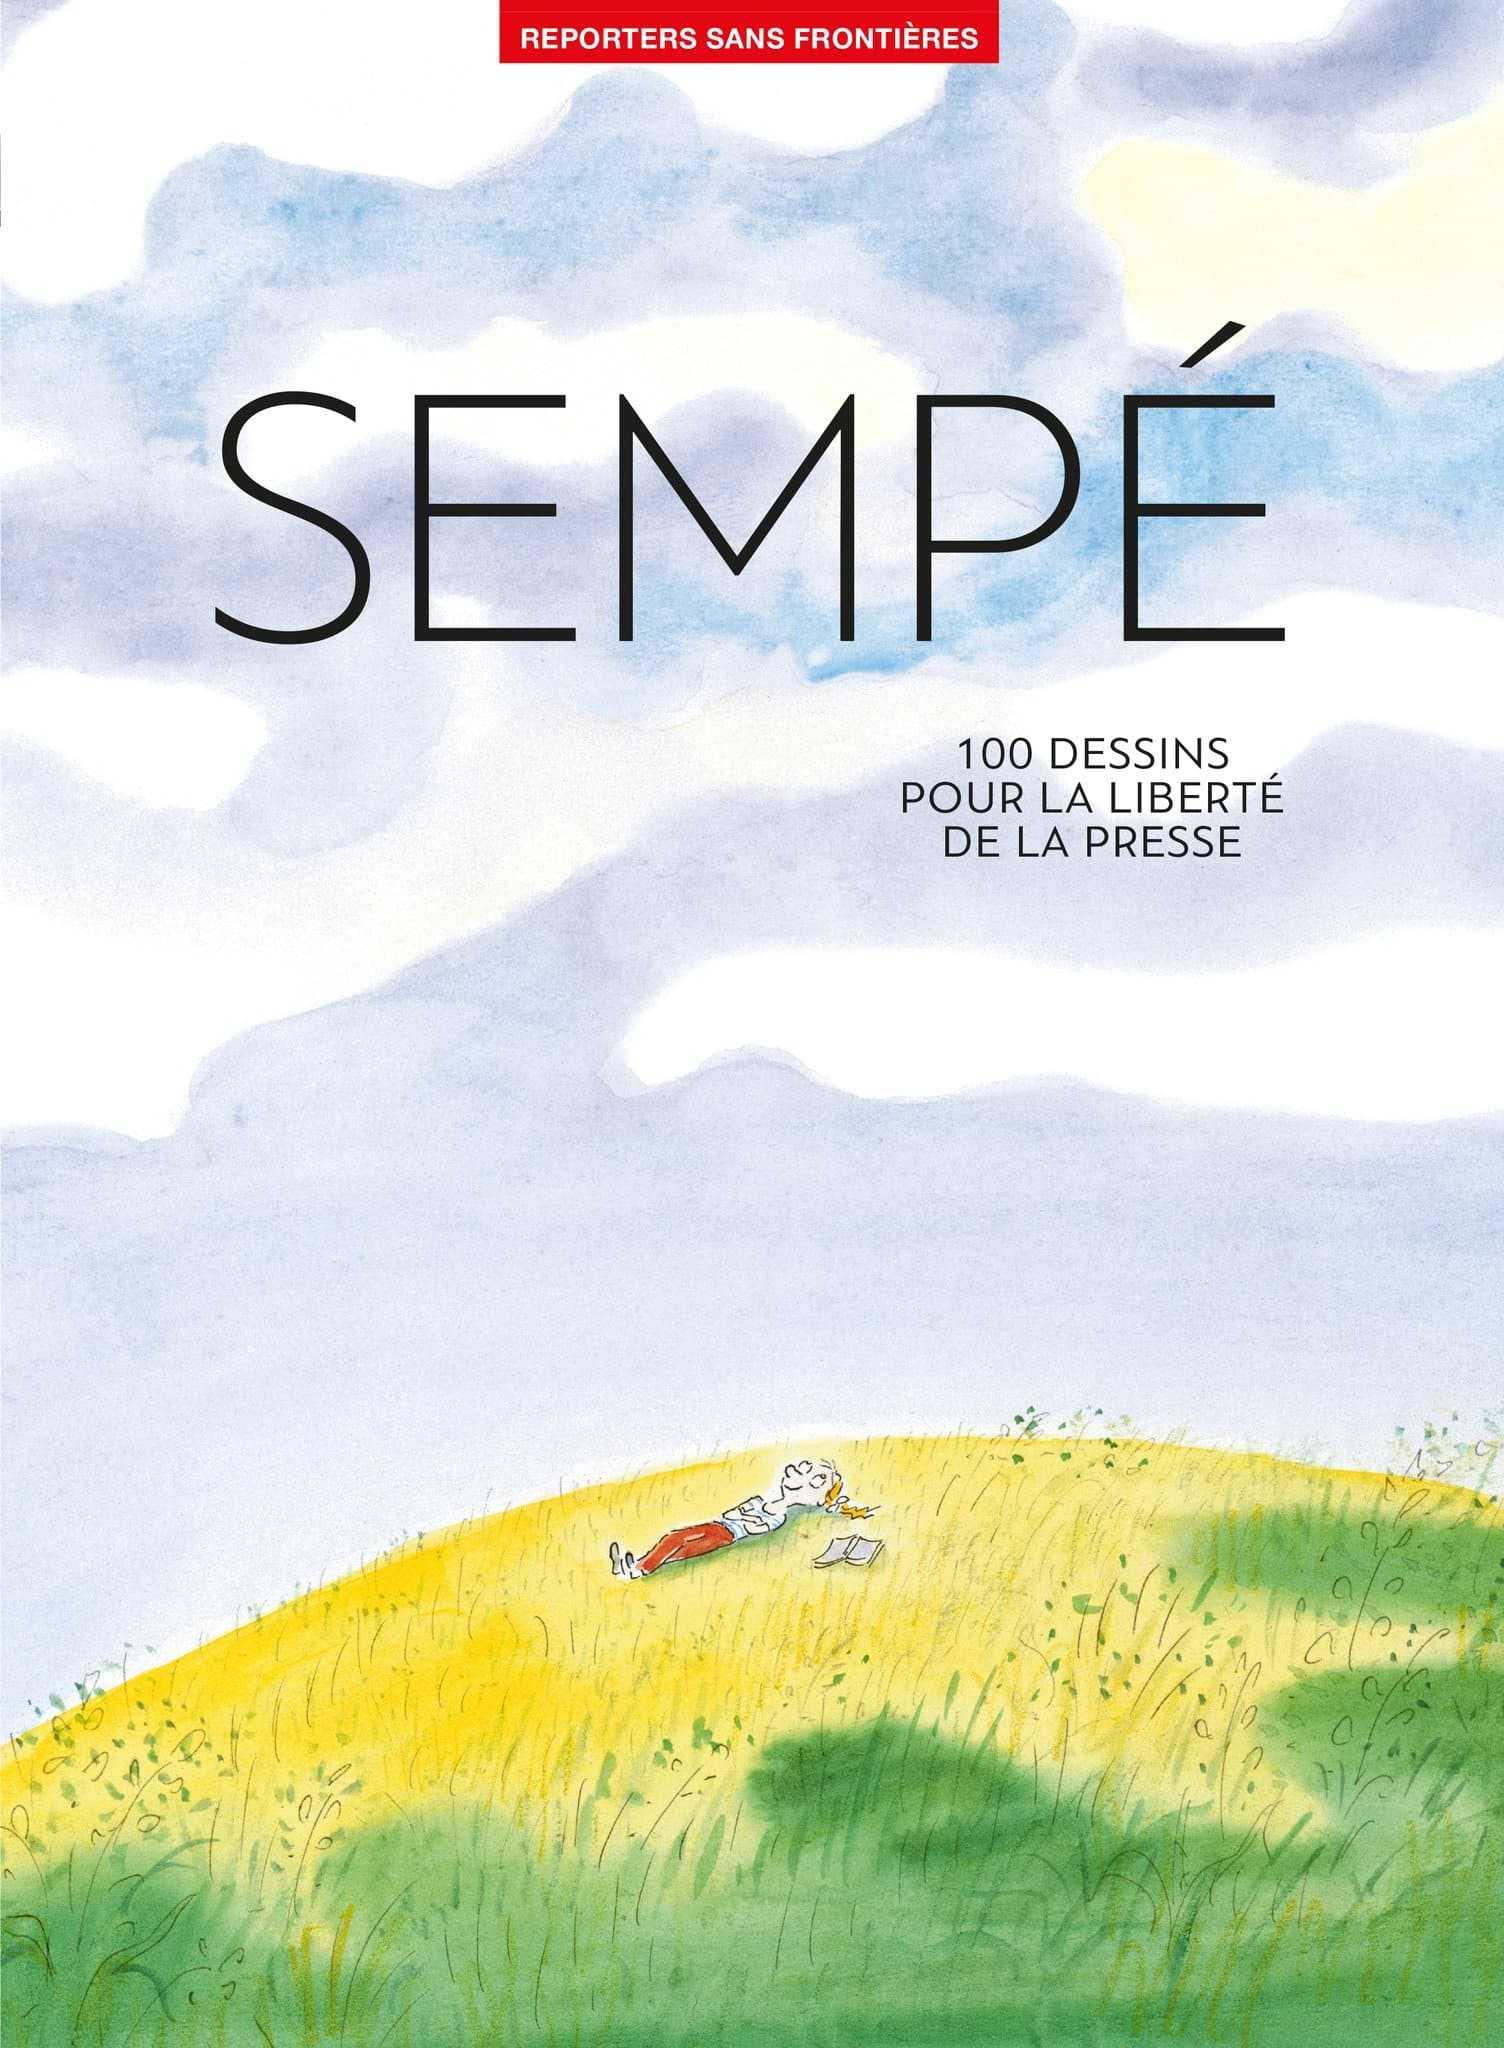 100 dessins de Sempé avec Reporters sans Frontières pour la liberté de la Presse